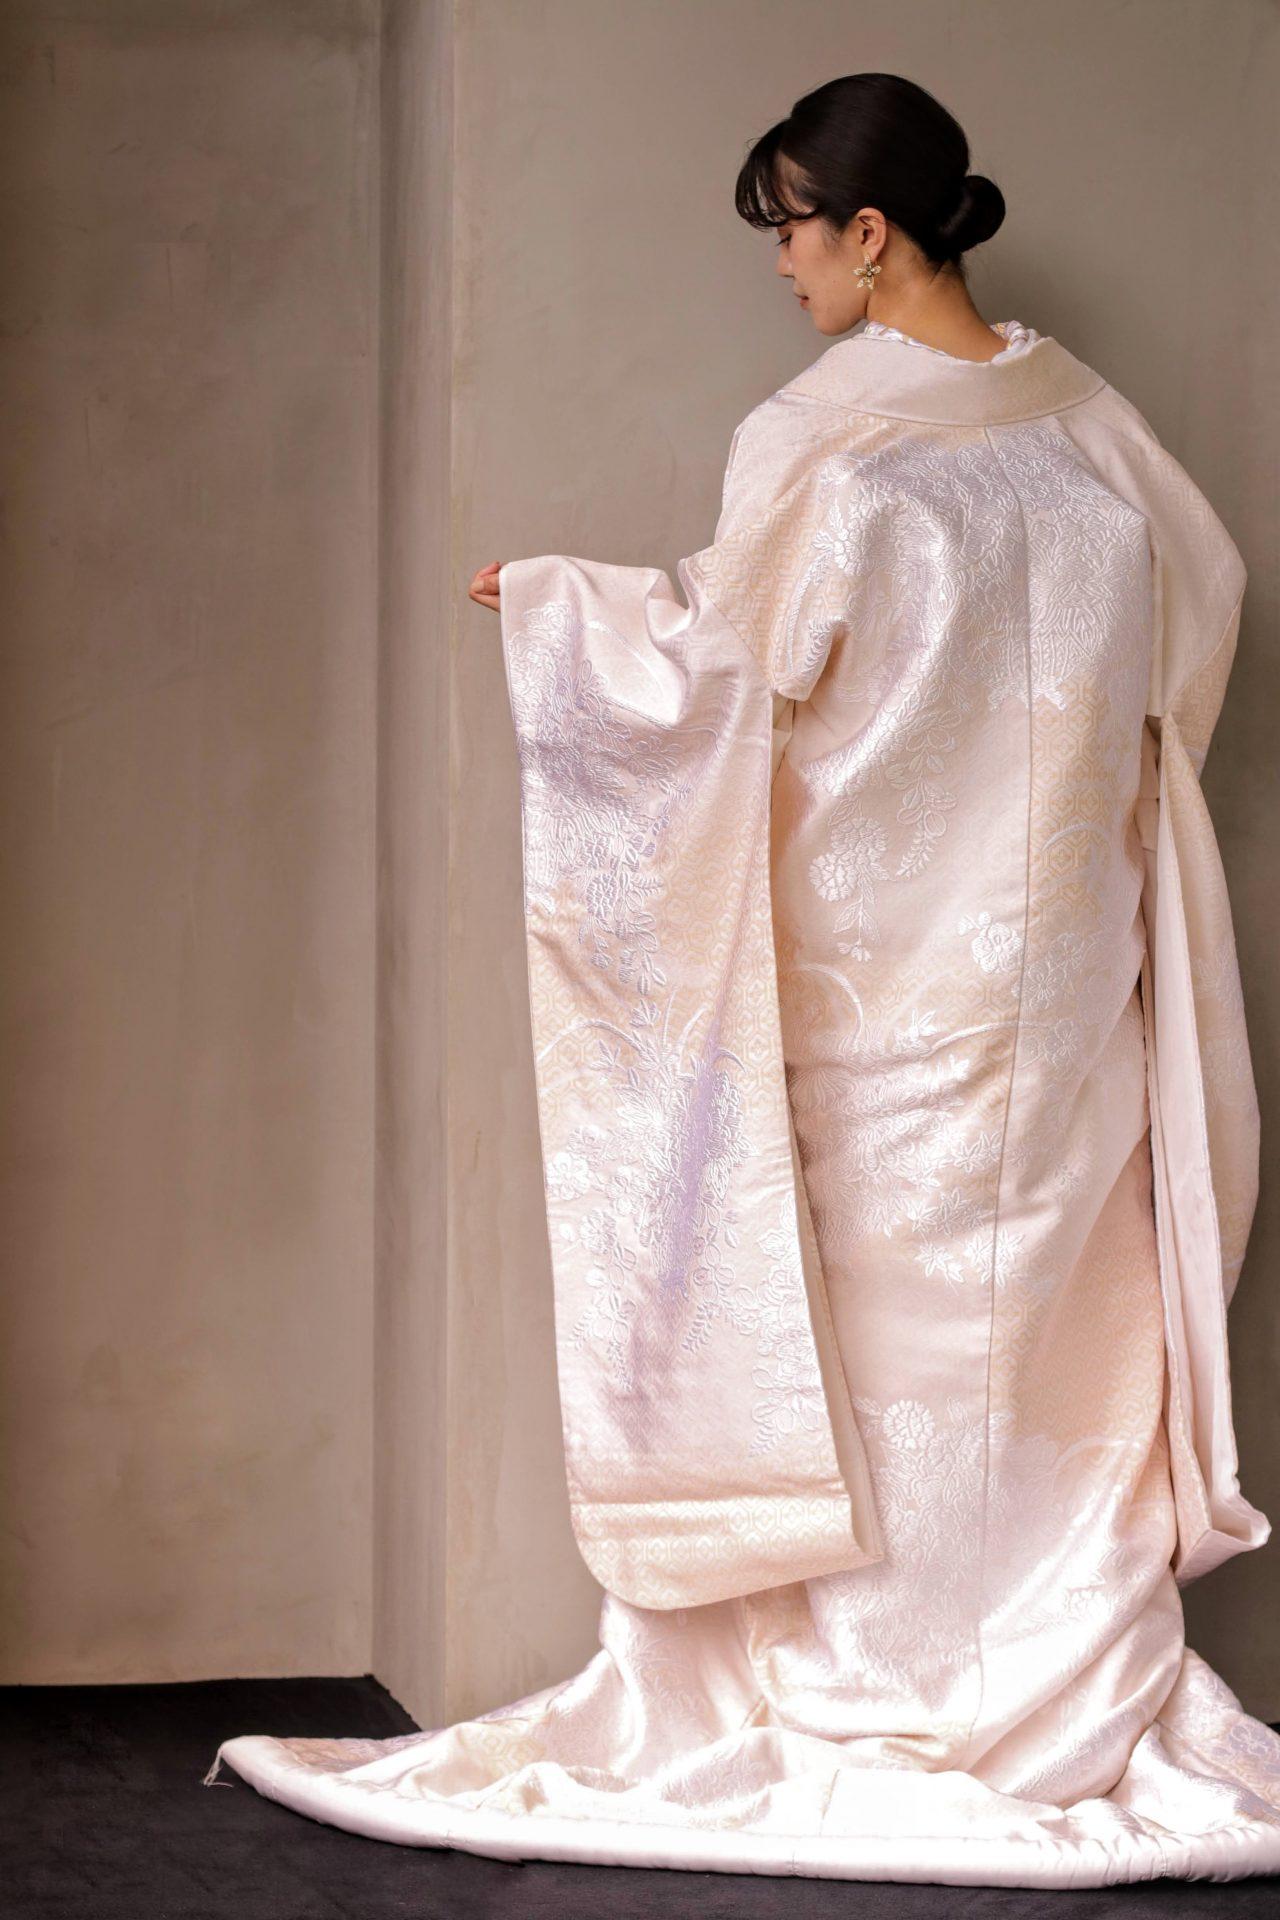 長寿吉兆、永遠の繁栄を意味する亀甲文様に、様々な花の刺繍がほどこされた白無垢はザ・トリート・ドレッシングの新作のレンタル和装で、神社や神殿での神前式にはもちろん、前撮りでお写真を残される方も多いモダンと古典が融合した唯一無二の1着です